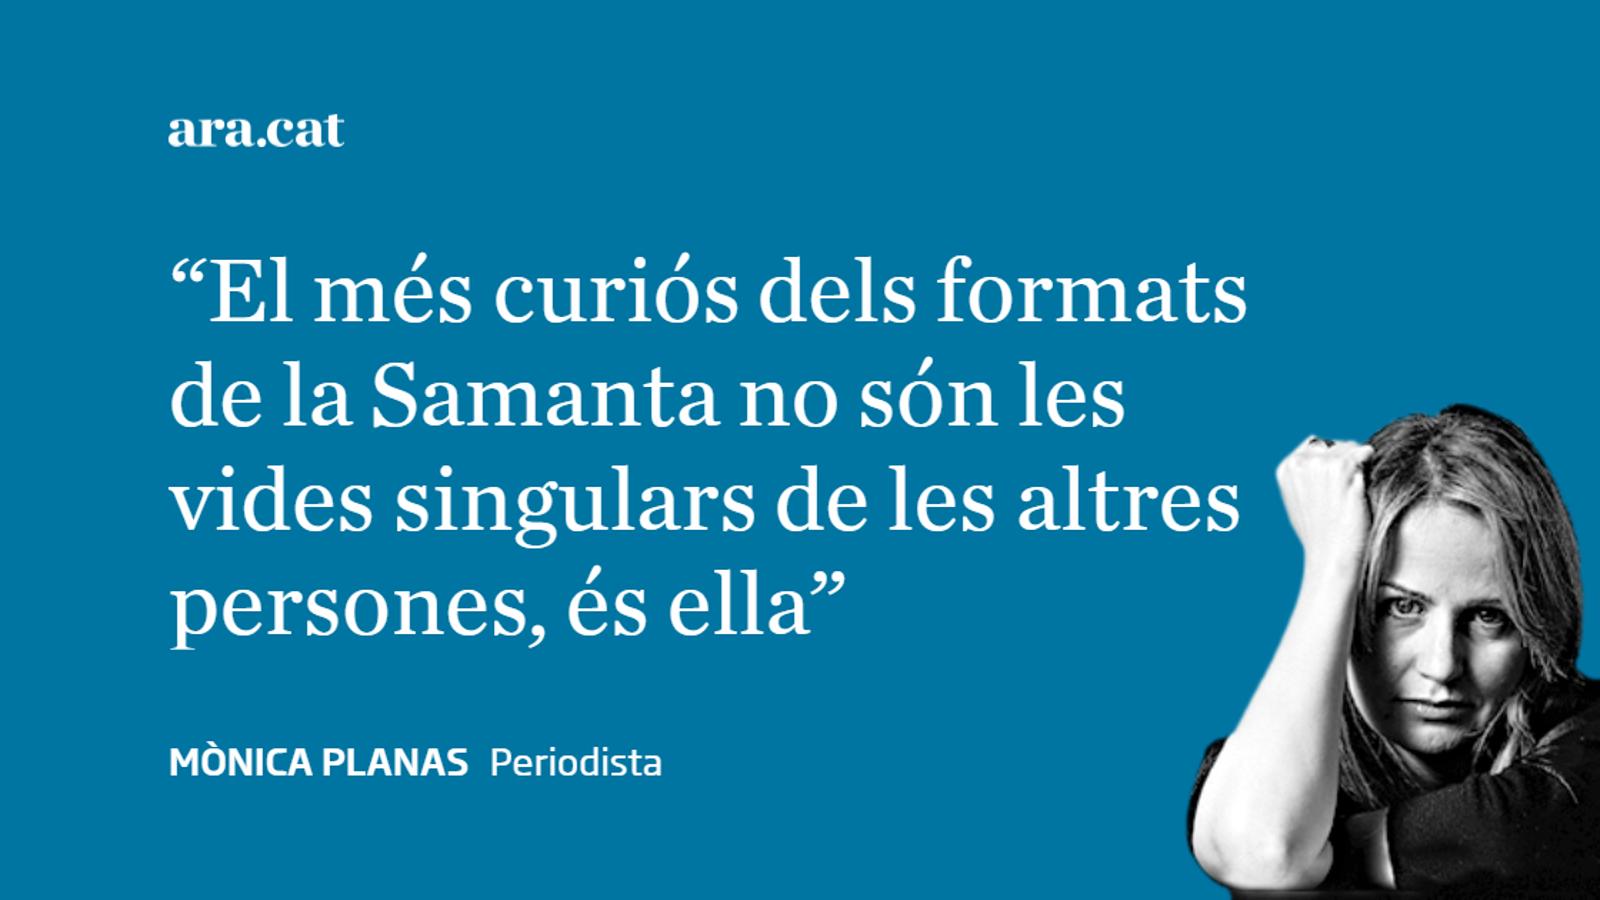 Les lliçons de la Samanta